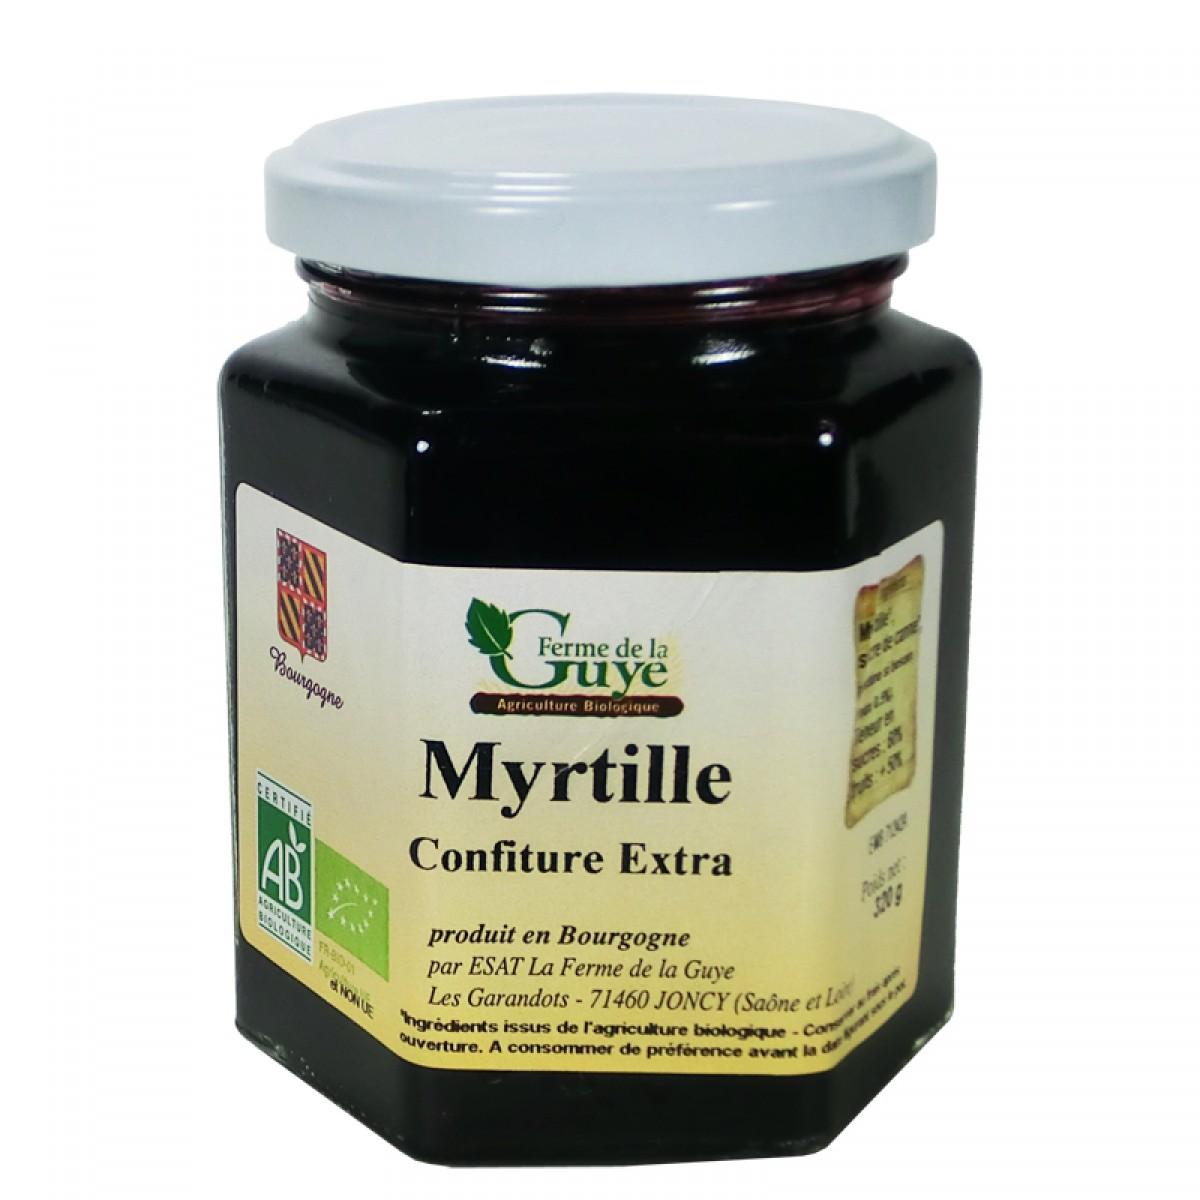 confiture myrtille 320g bio ferme de guye saveurs de bourgogne vente de produits du terroir. Black Bedroom Furniture Sets. Home Design Ideas